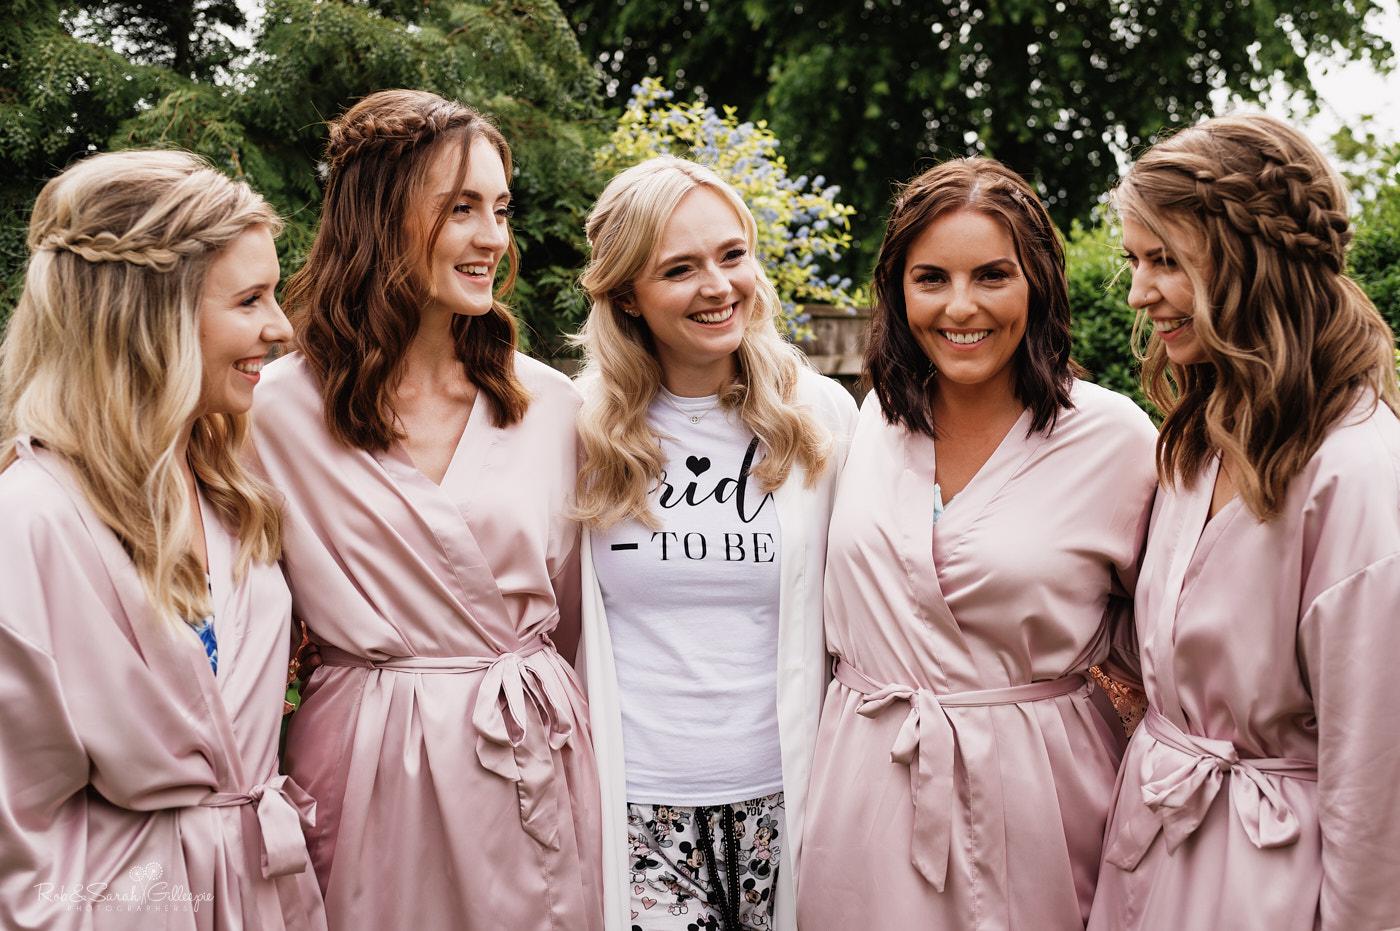 Bride and bridesmaids in garden